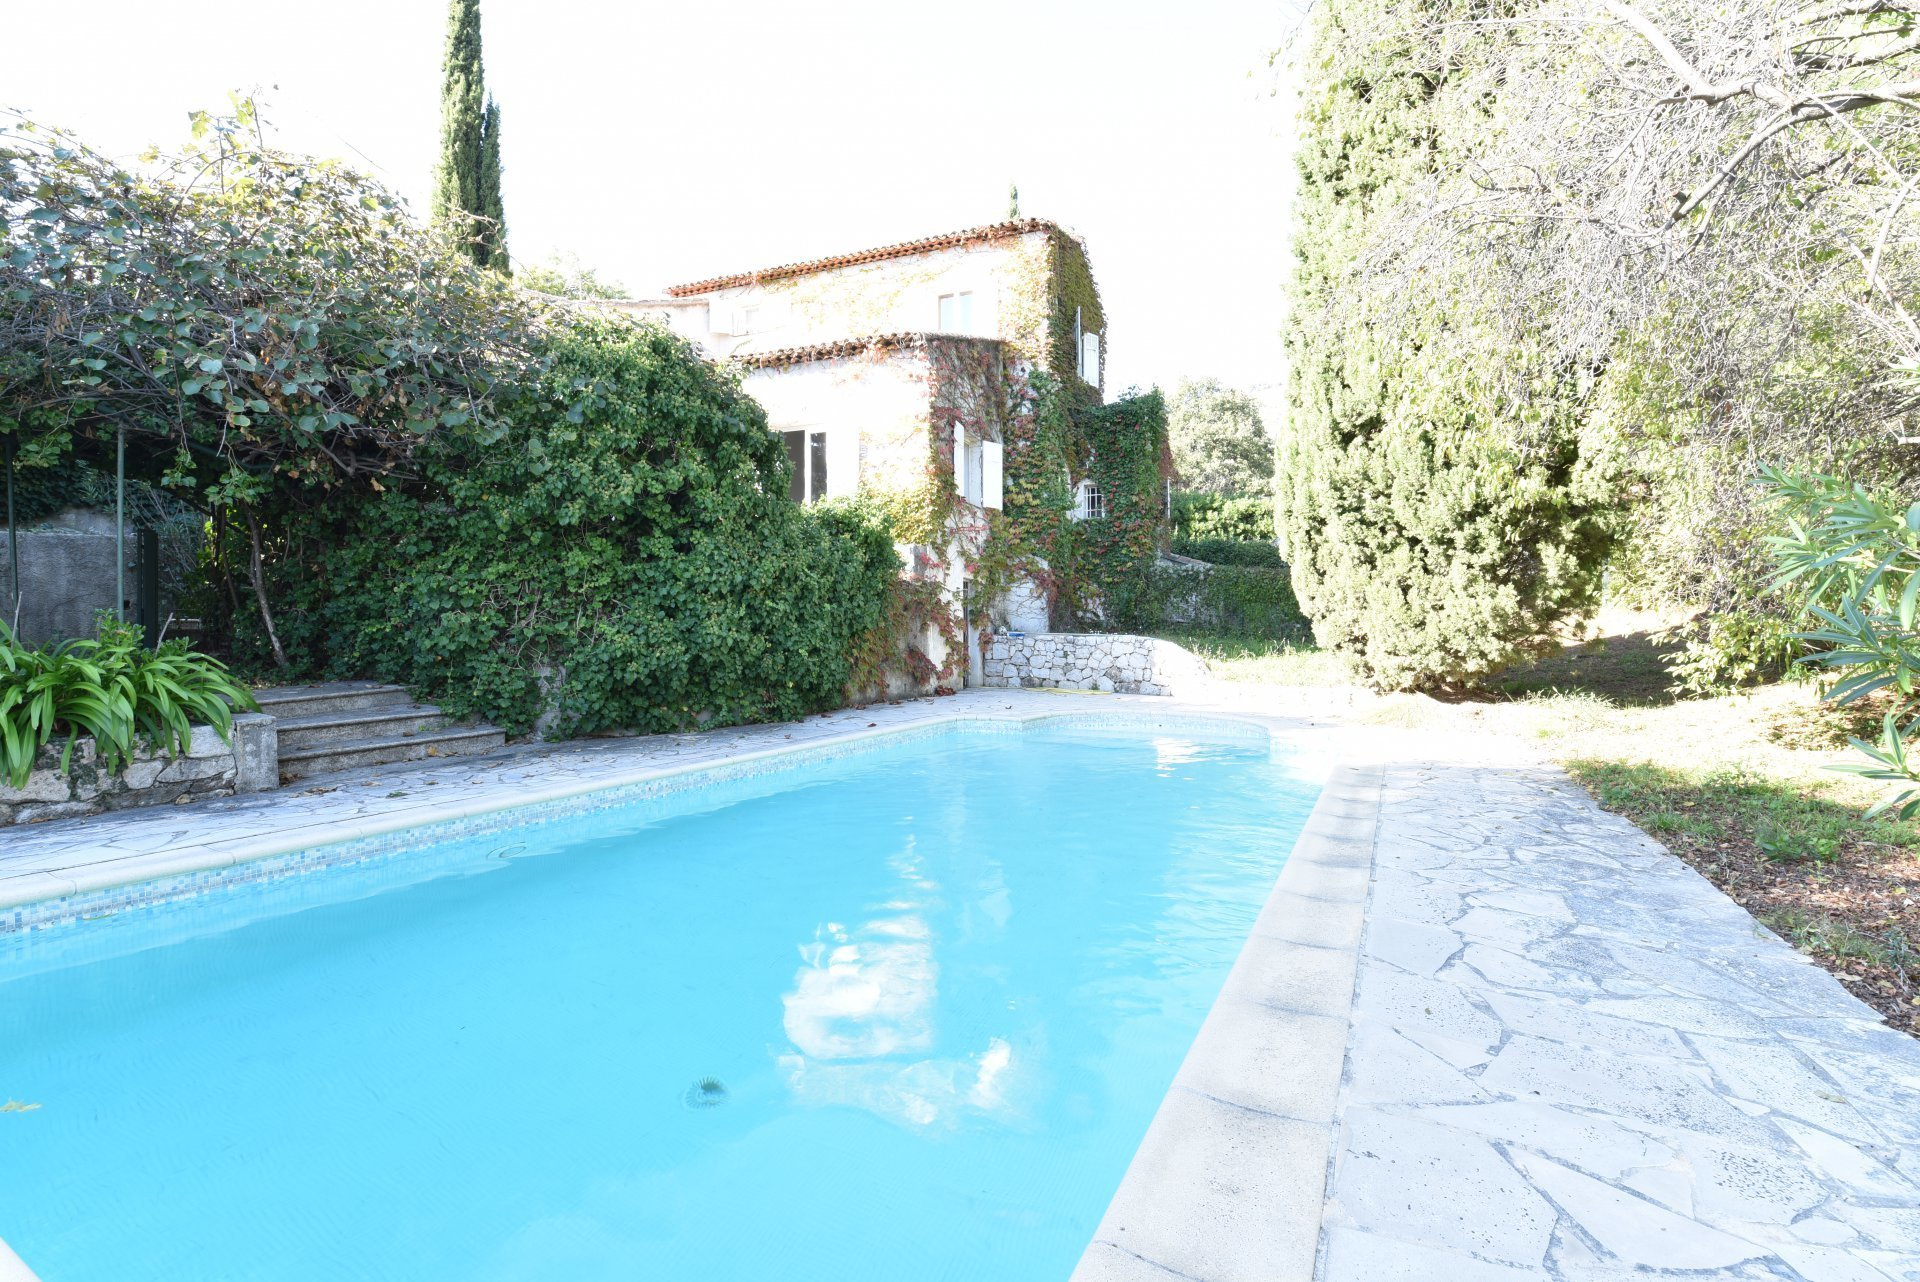 Falicon Vente Villa Piscine destiné Piscine Falicon Nice